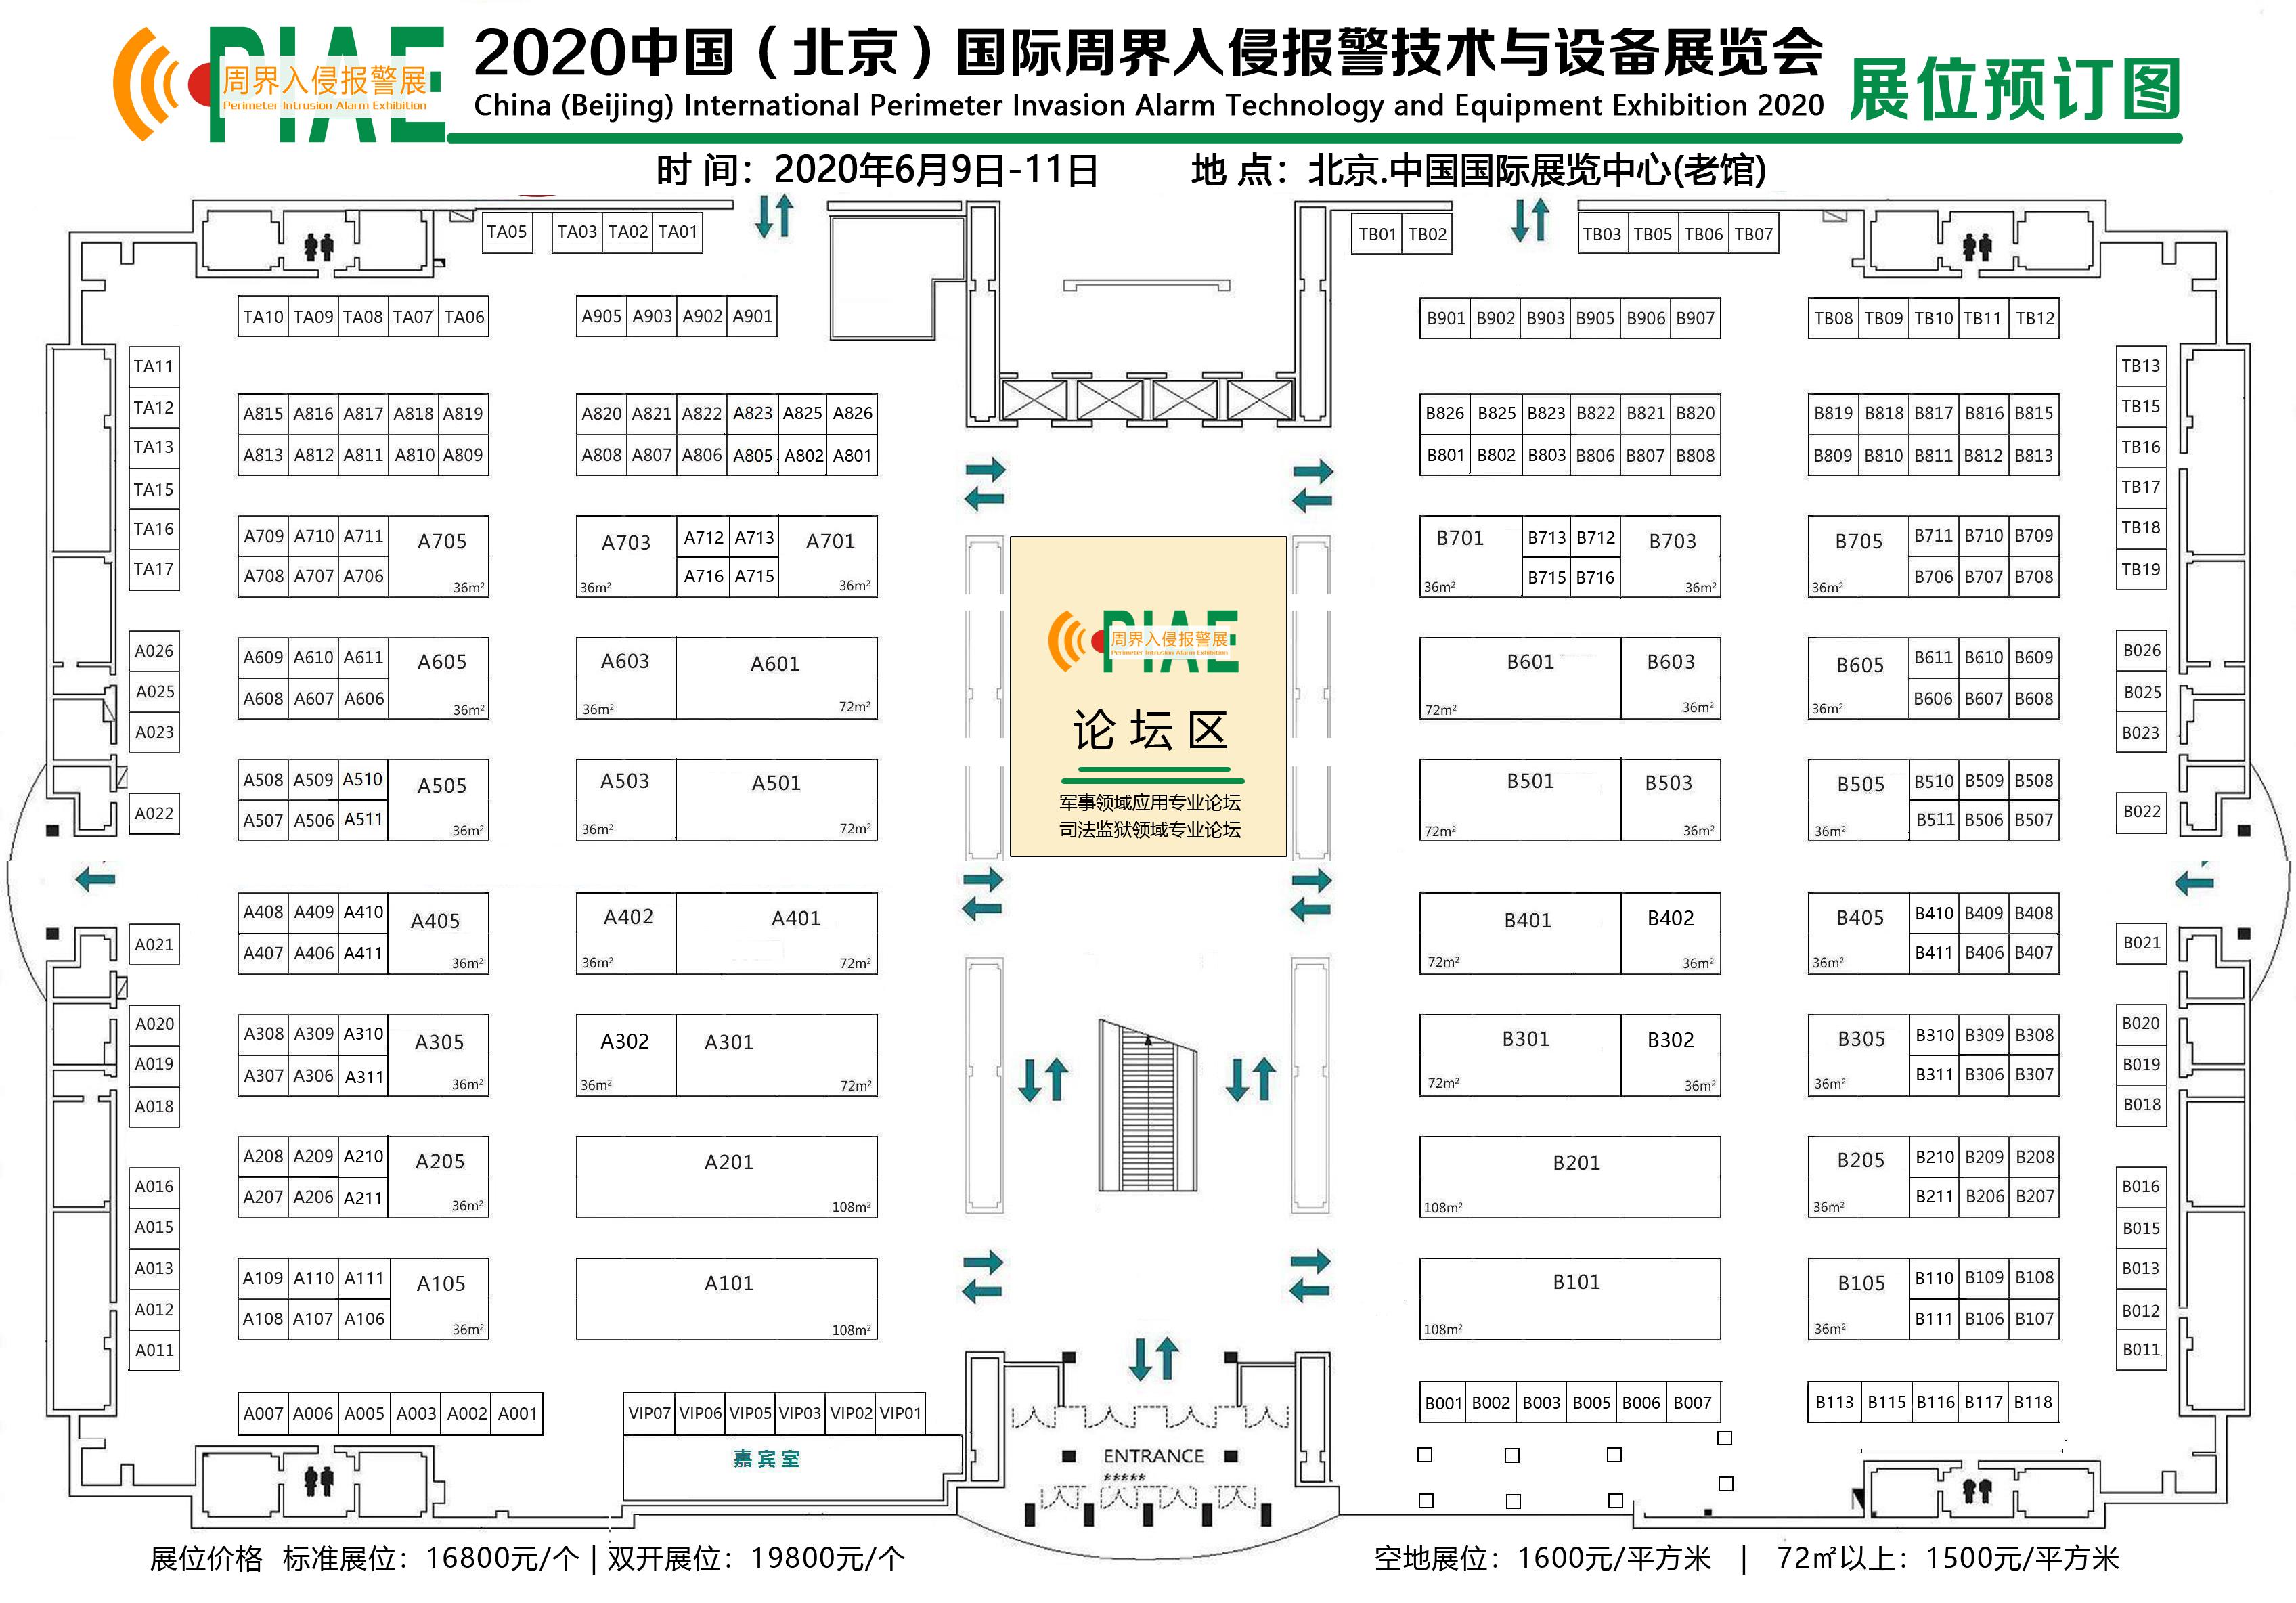 2020北京国际周界入侵报警技术展--展位预订图.jpg